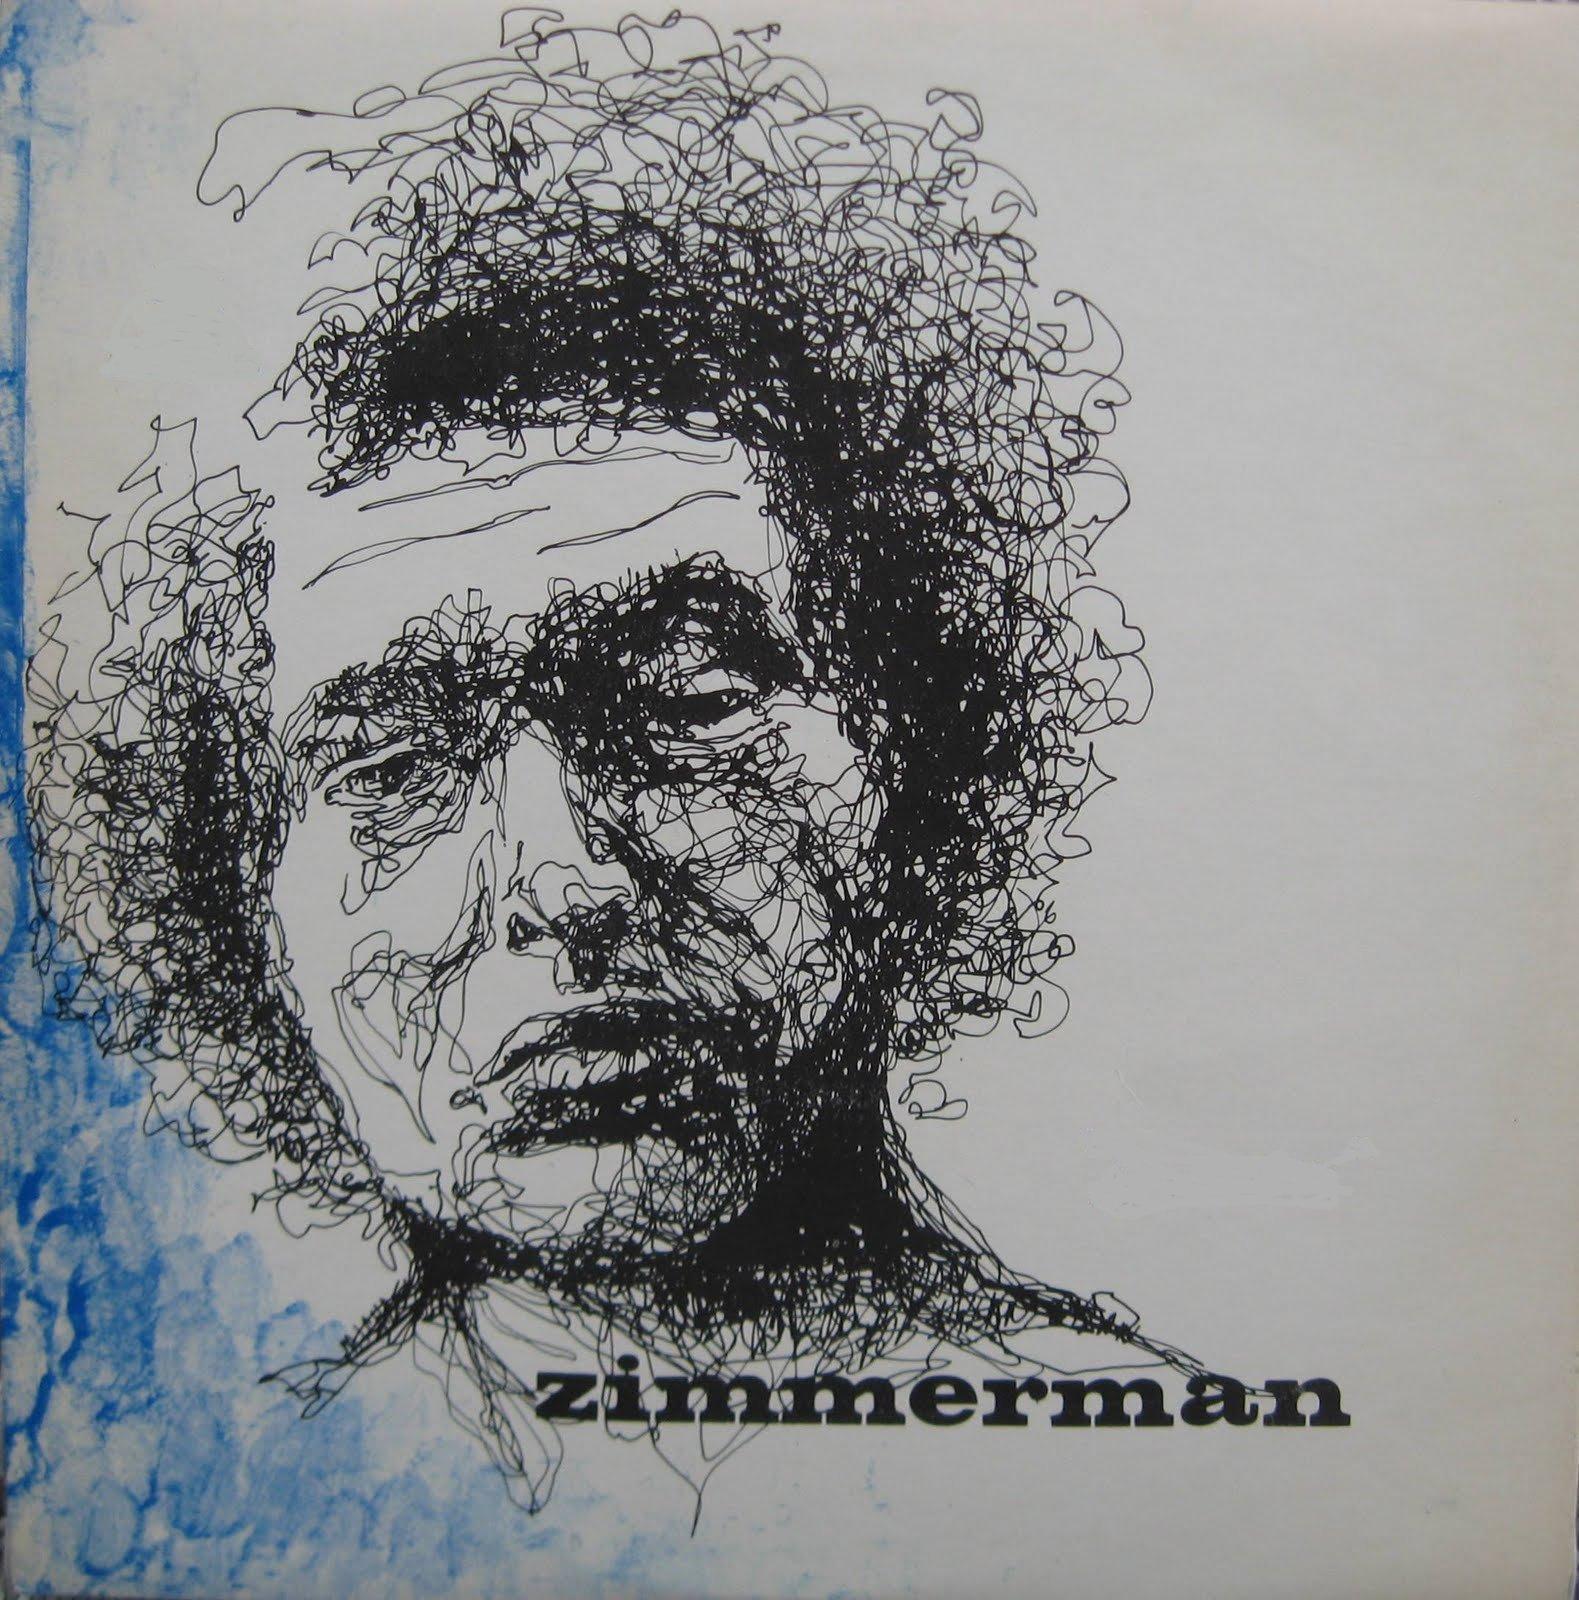 http://2.bp.blogspot.com/-MEwfPlRdIo8/T239o_p-GMI/AAAAAAAAIOU/rul0zbLouwI/s1600/zimmerman.jpg